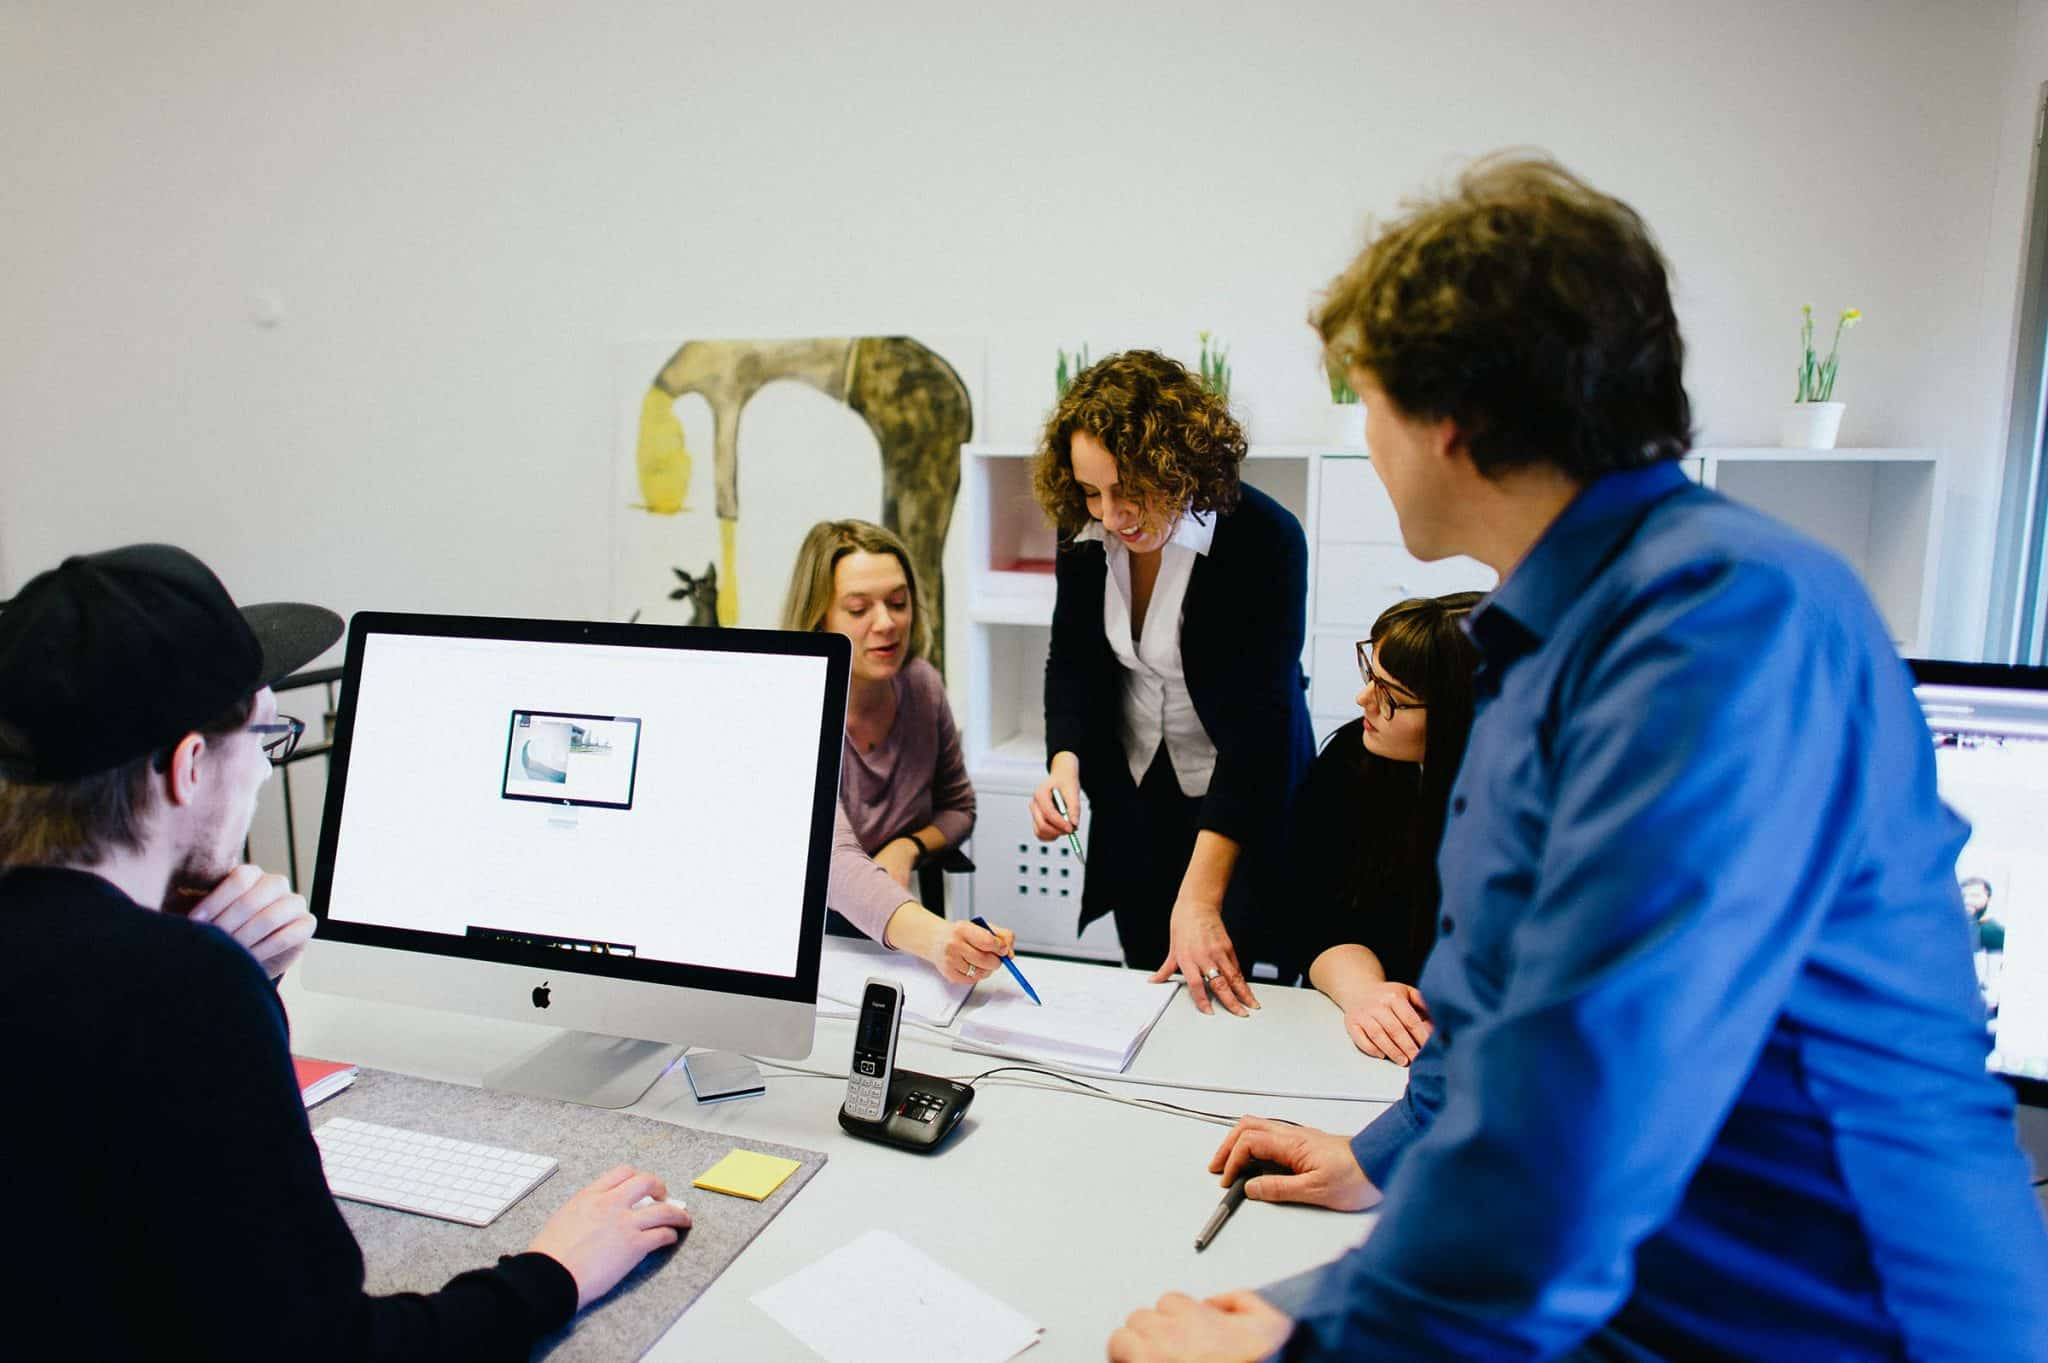 Ein Team der Agentur Heldenstreich arbeitet gemeinsam an einem Employer Branding Projekt